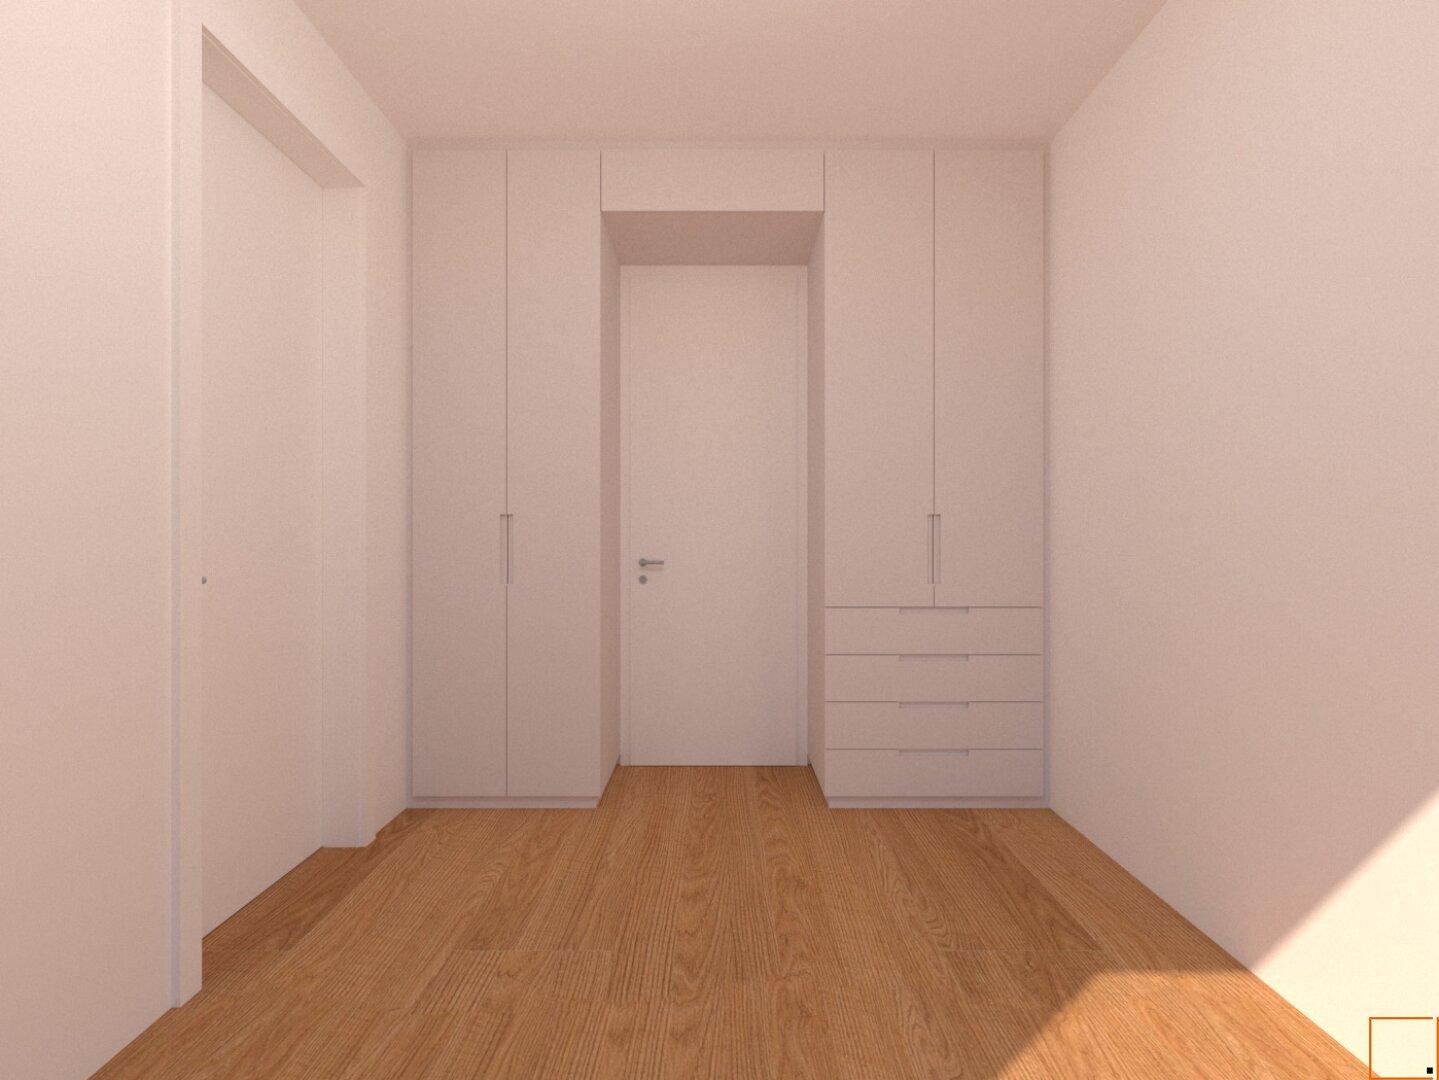 Visualisierung Einbauschrank - Schlafzimmer